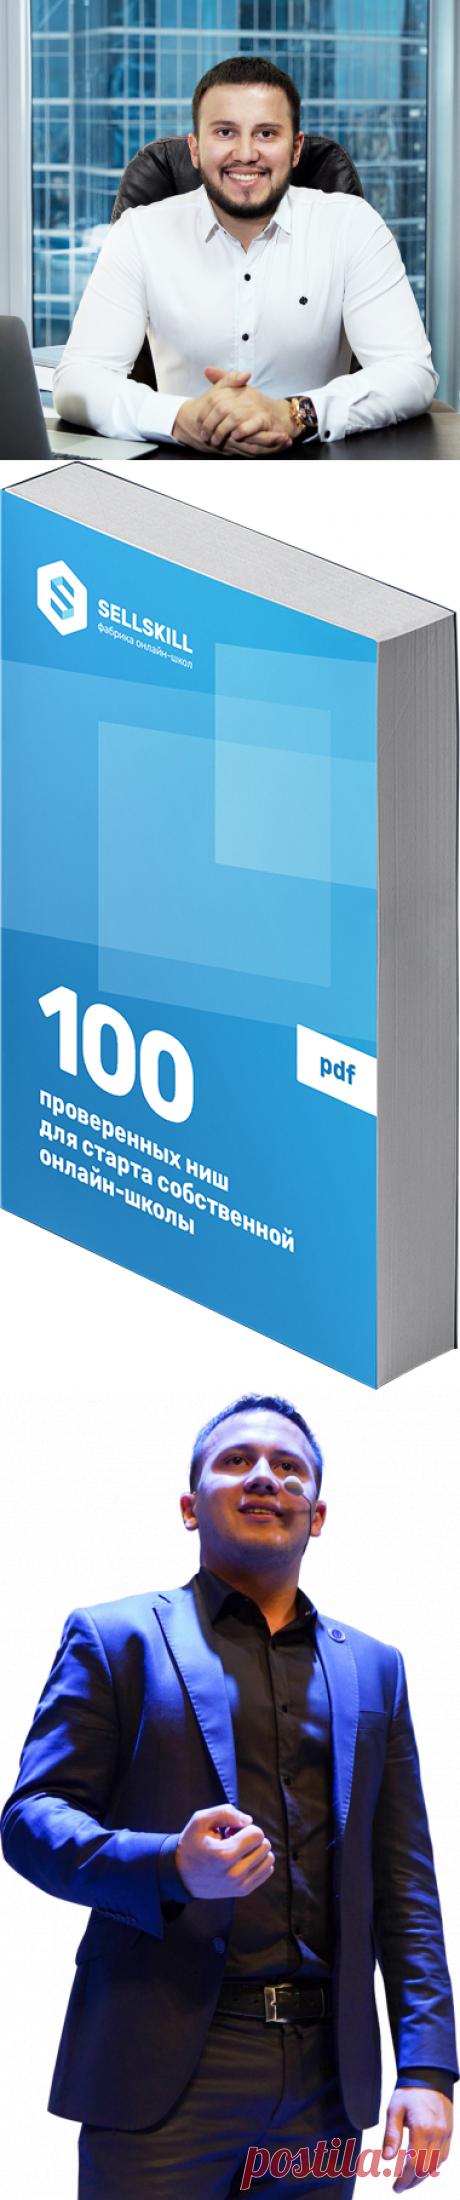 Как за 4 месяца создать собственную онлайн-школу с доходом от 150 000 рублей в месяц 📌